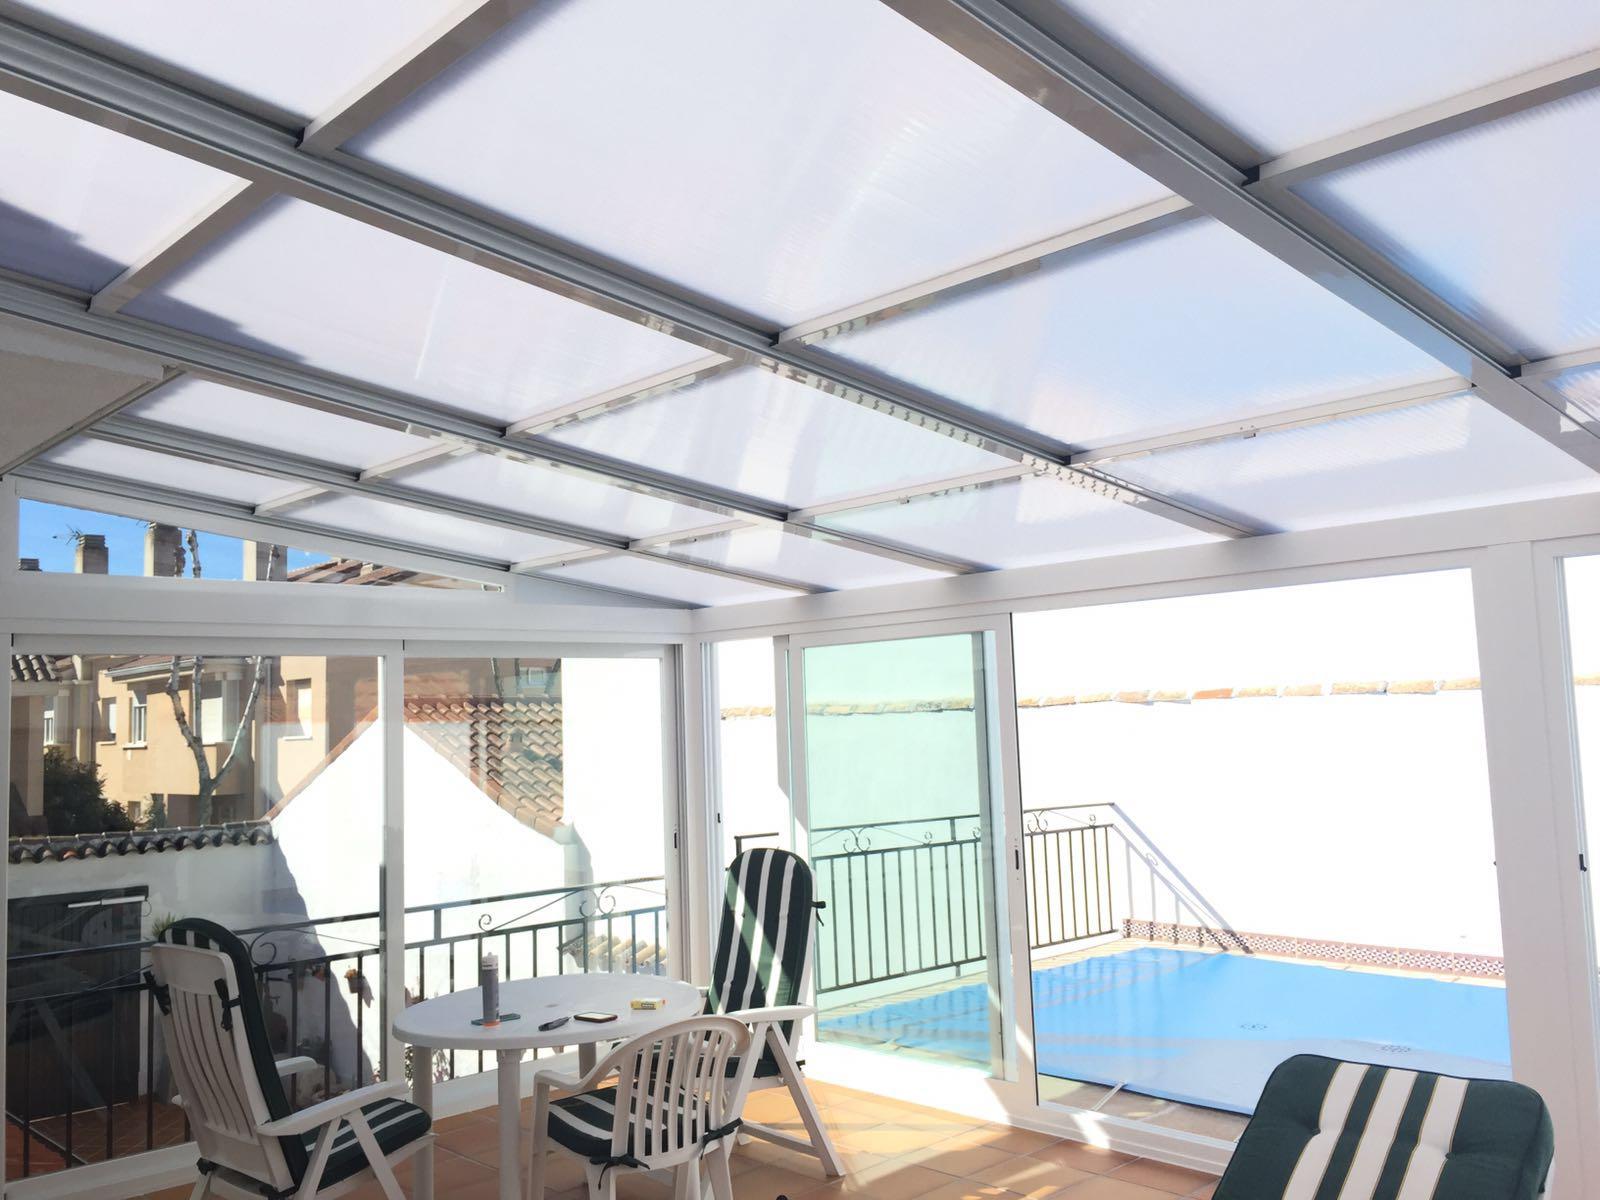 Cierre de espacios proximos a la piscina cubierta for Cubiertas para piscinas madrid